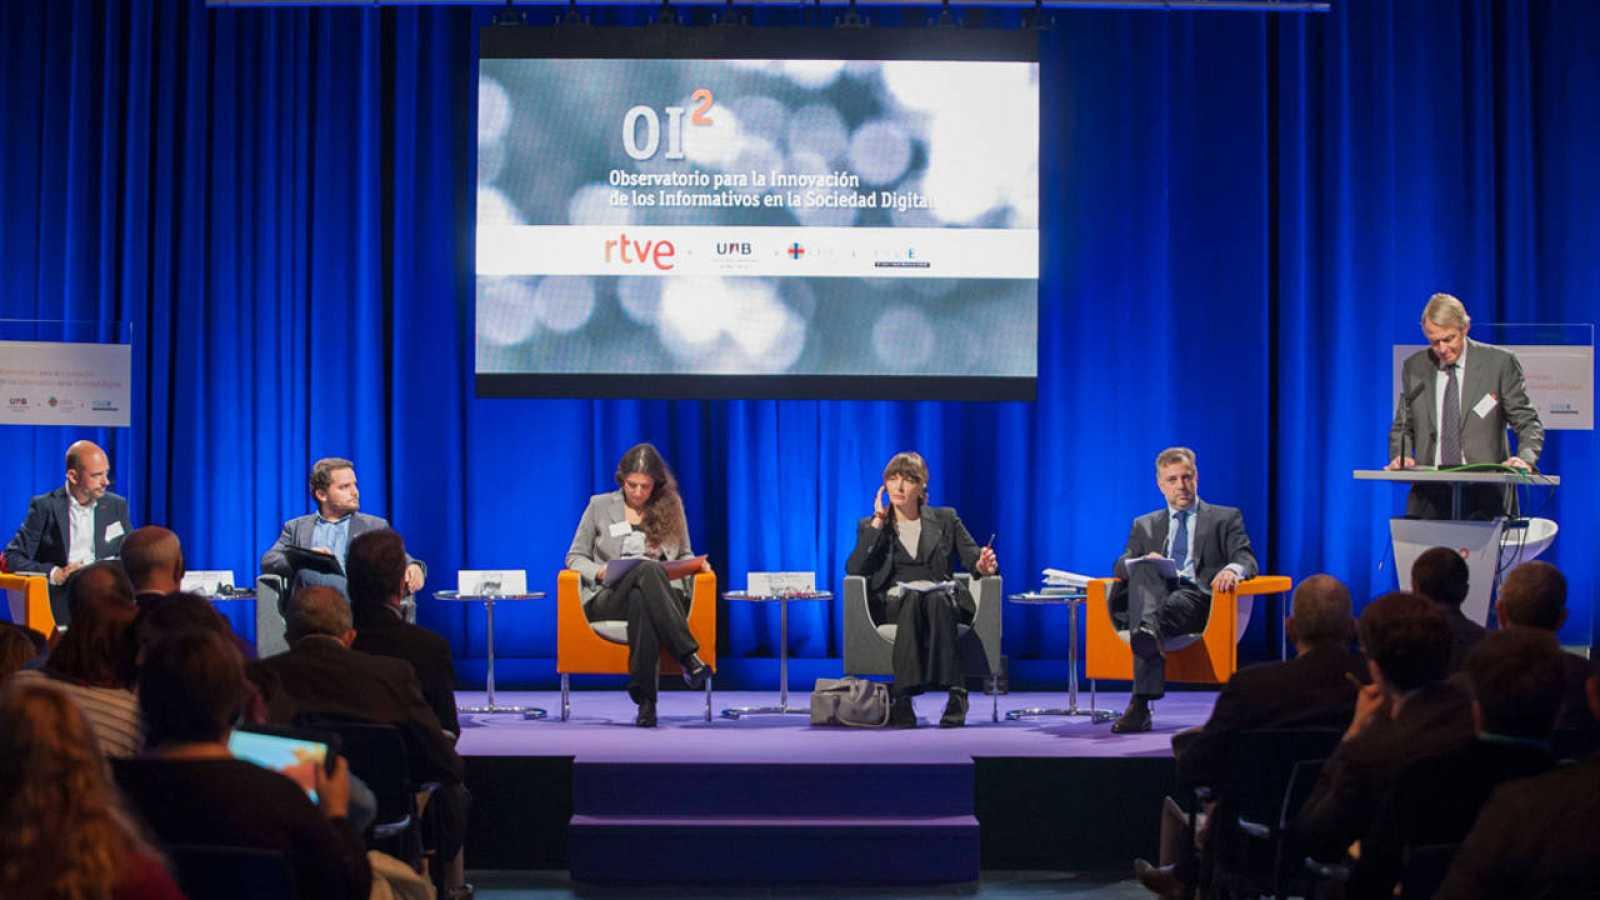 """OI2  """"Observatorio para la Innovación de los Informativos en la Sociedad Digital"""""""